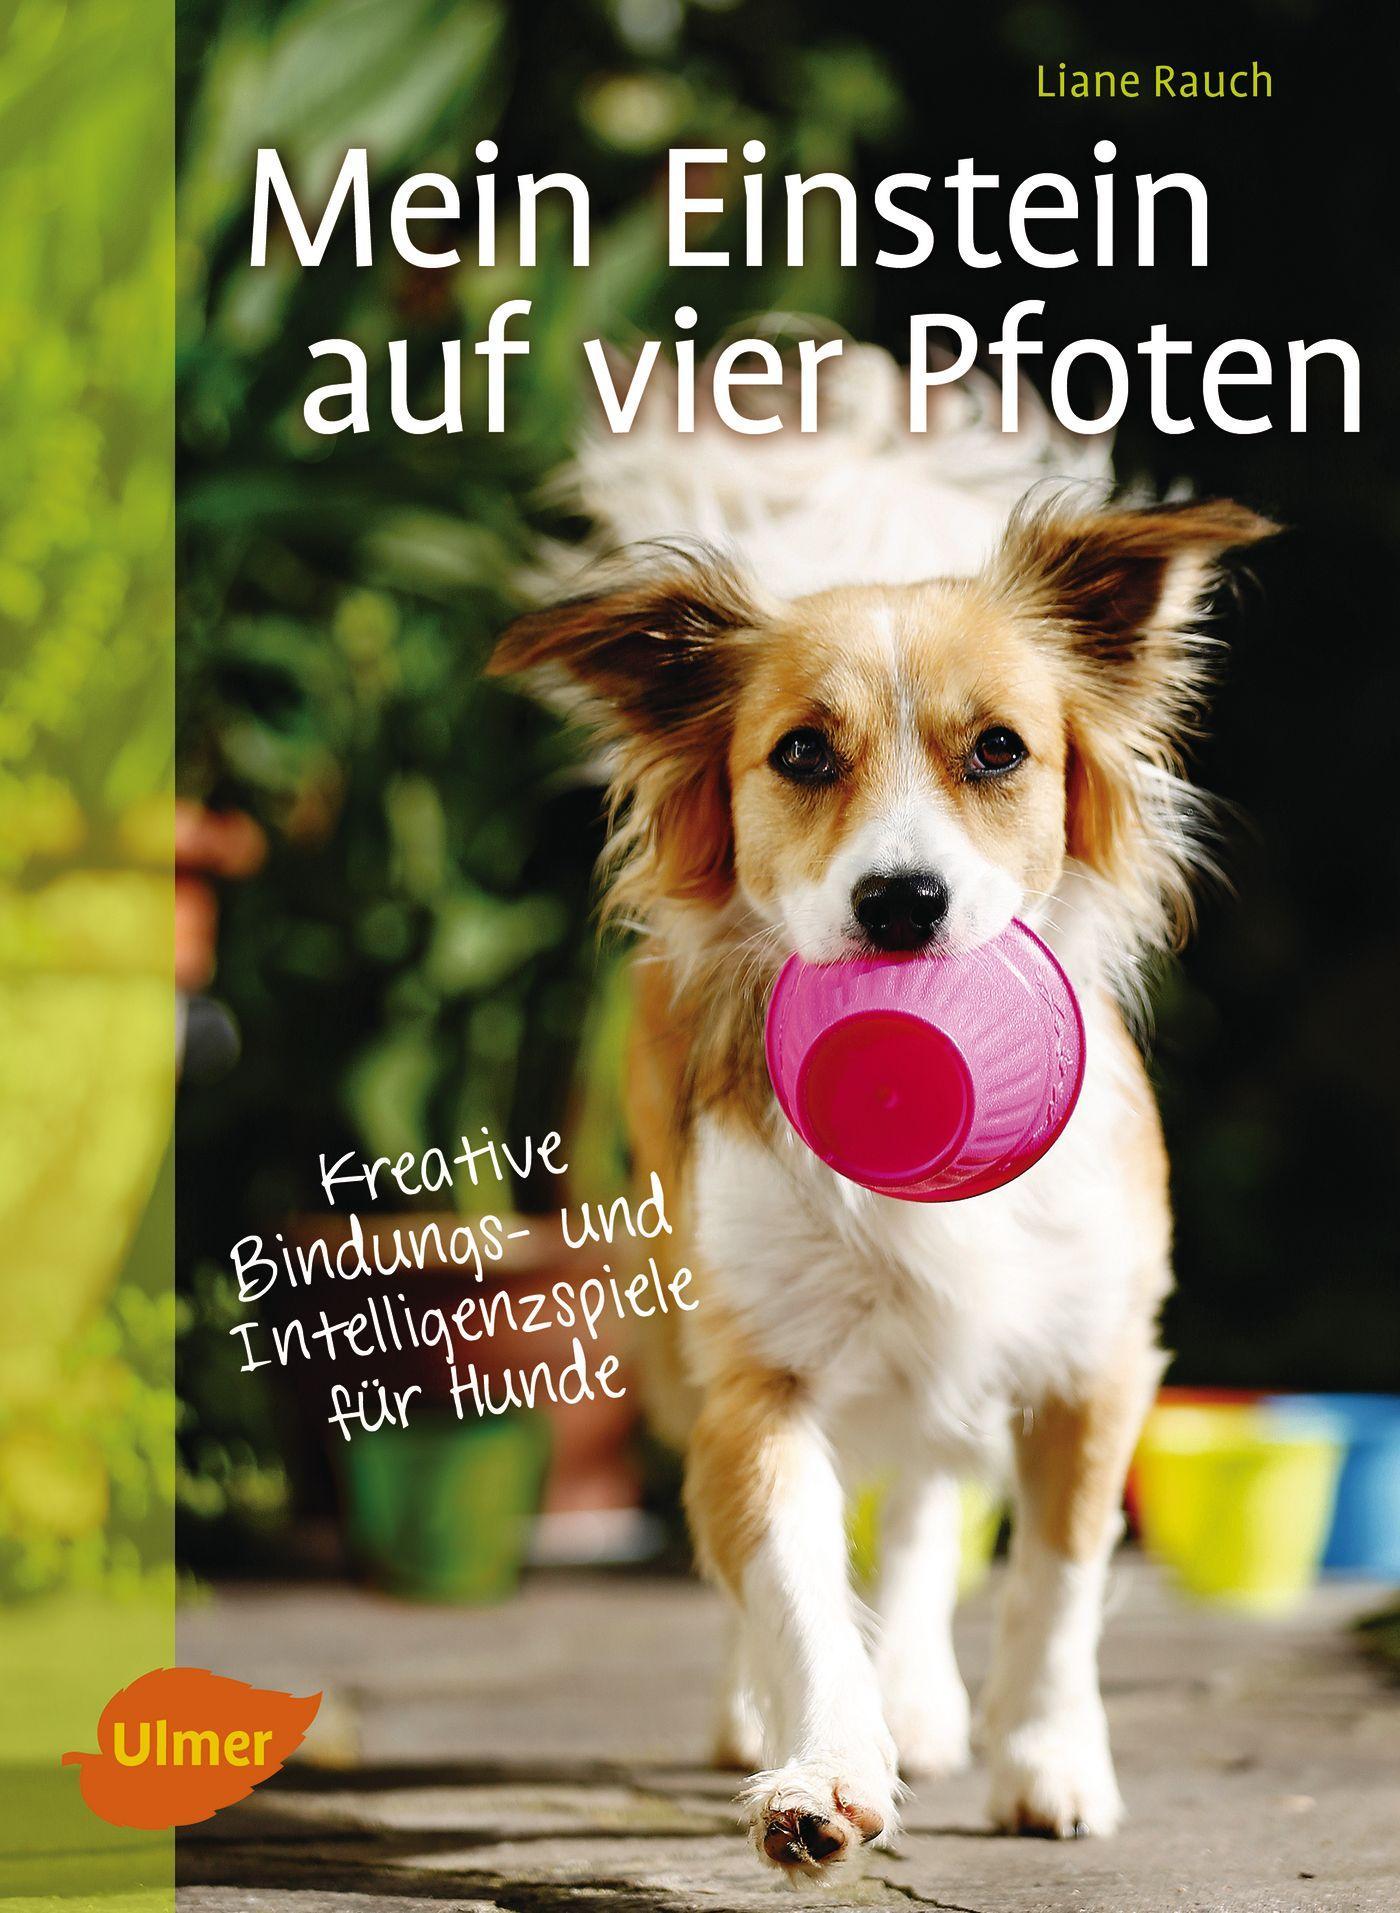 Mein Einstein auf vier Pfoten, Liane Rauch, Taschenbuch, Deutsch, 2016